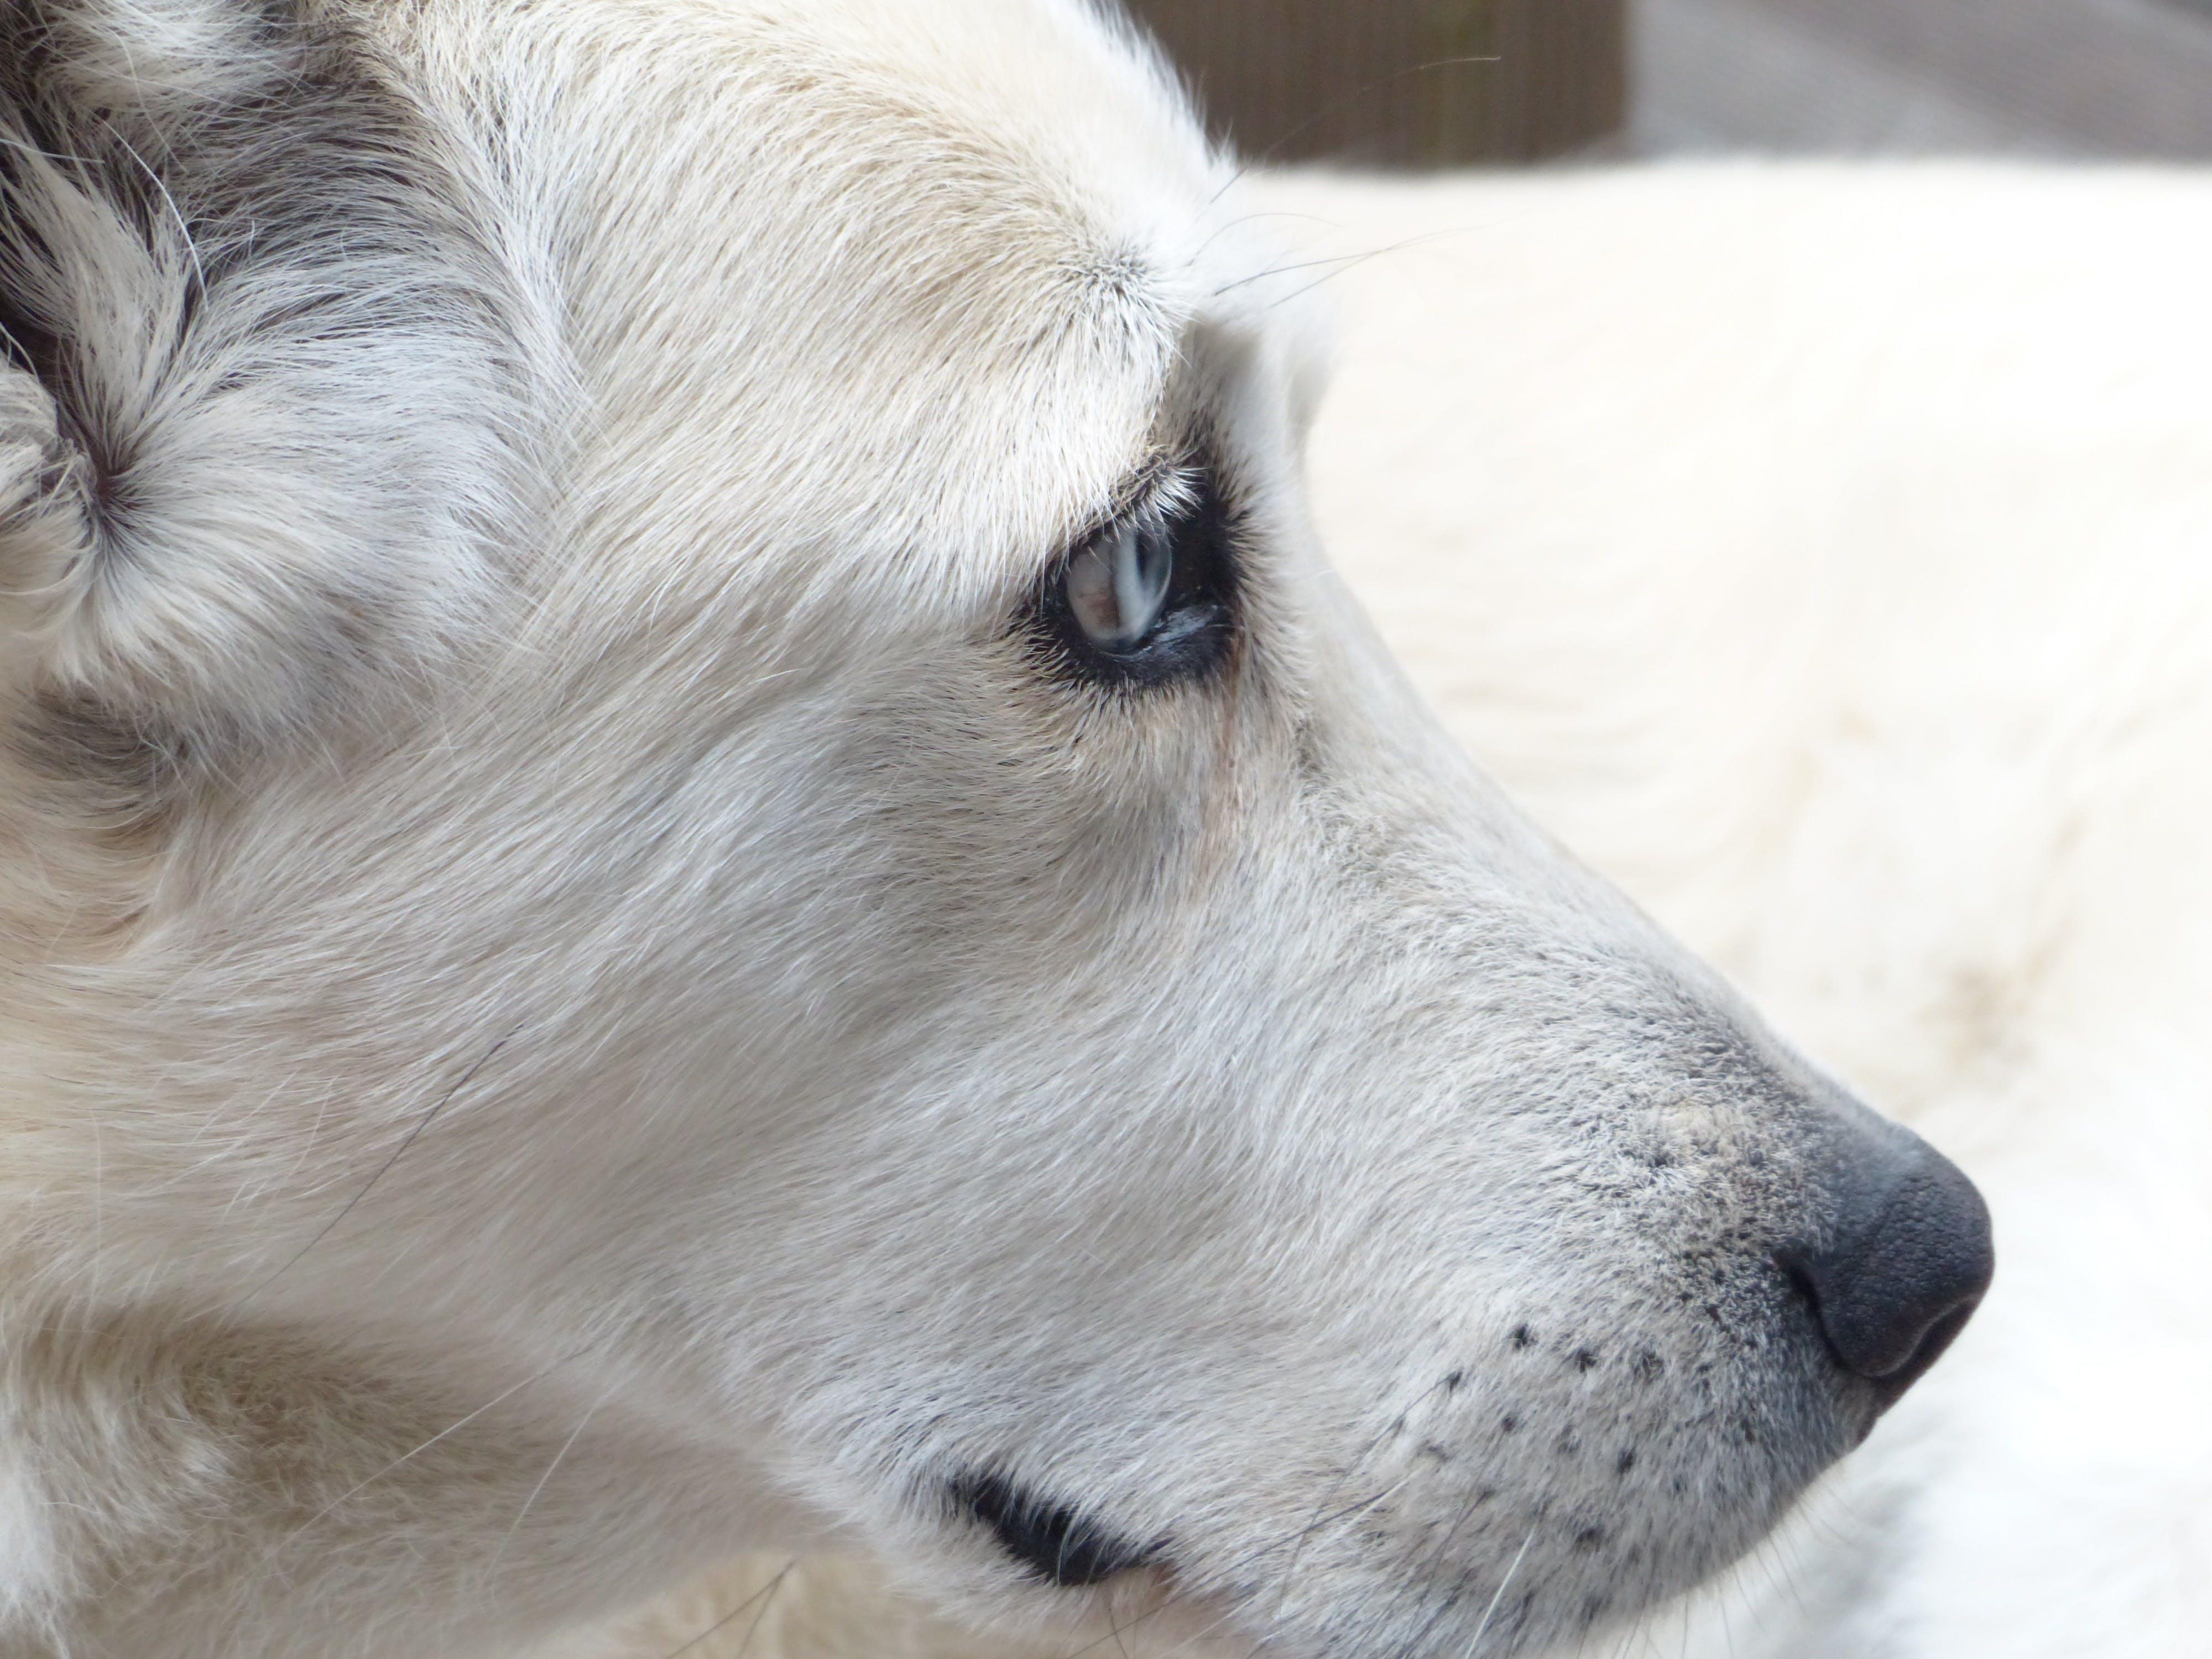 White Short Coated Dog Face